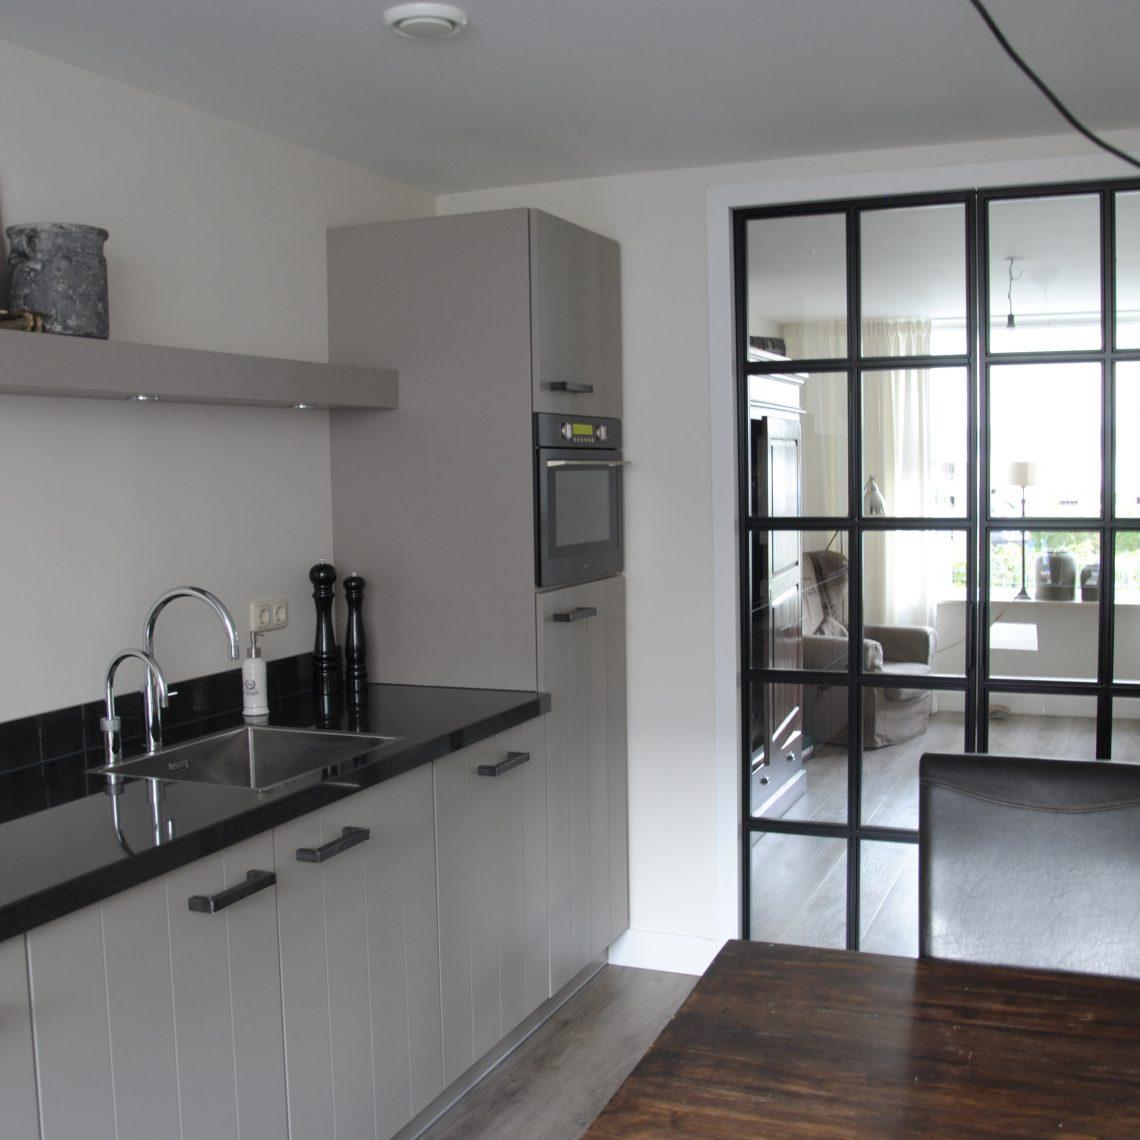 Landelijk moderne keuken elspeet keukenhof sliedrecht for Moderne keuken